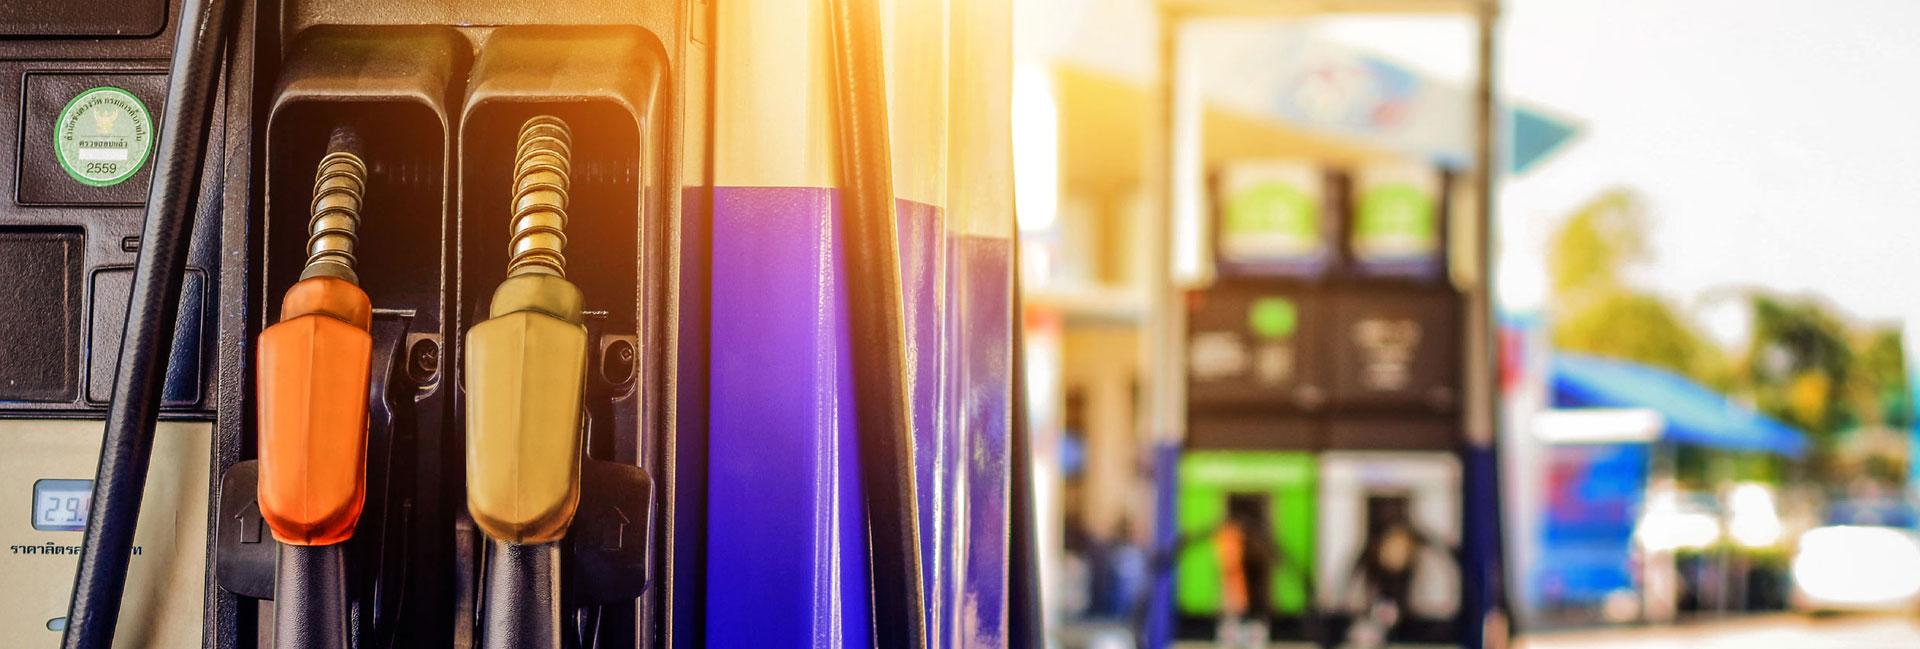 Reliance Oil Gas Pumps